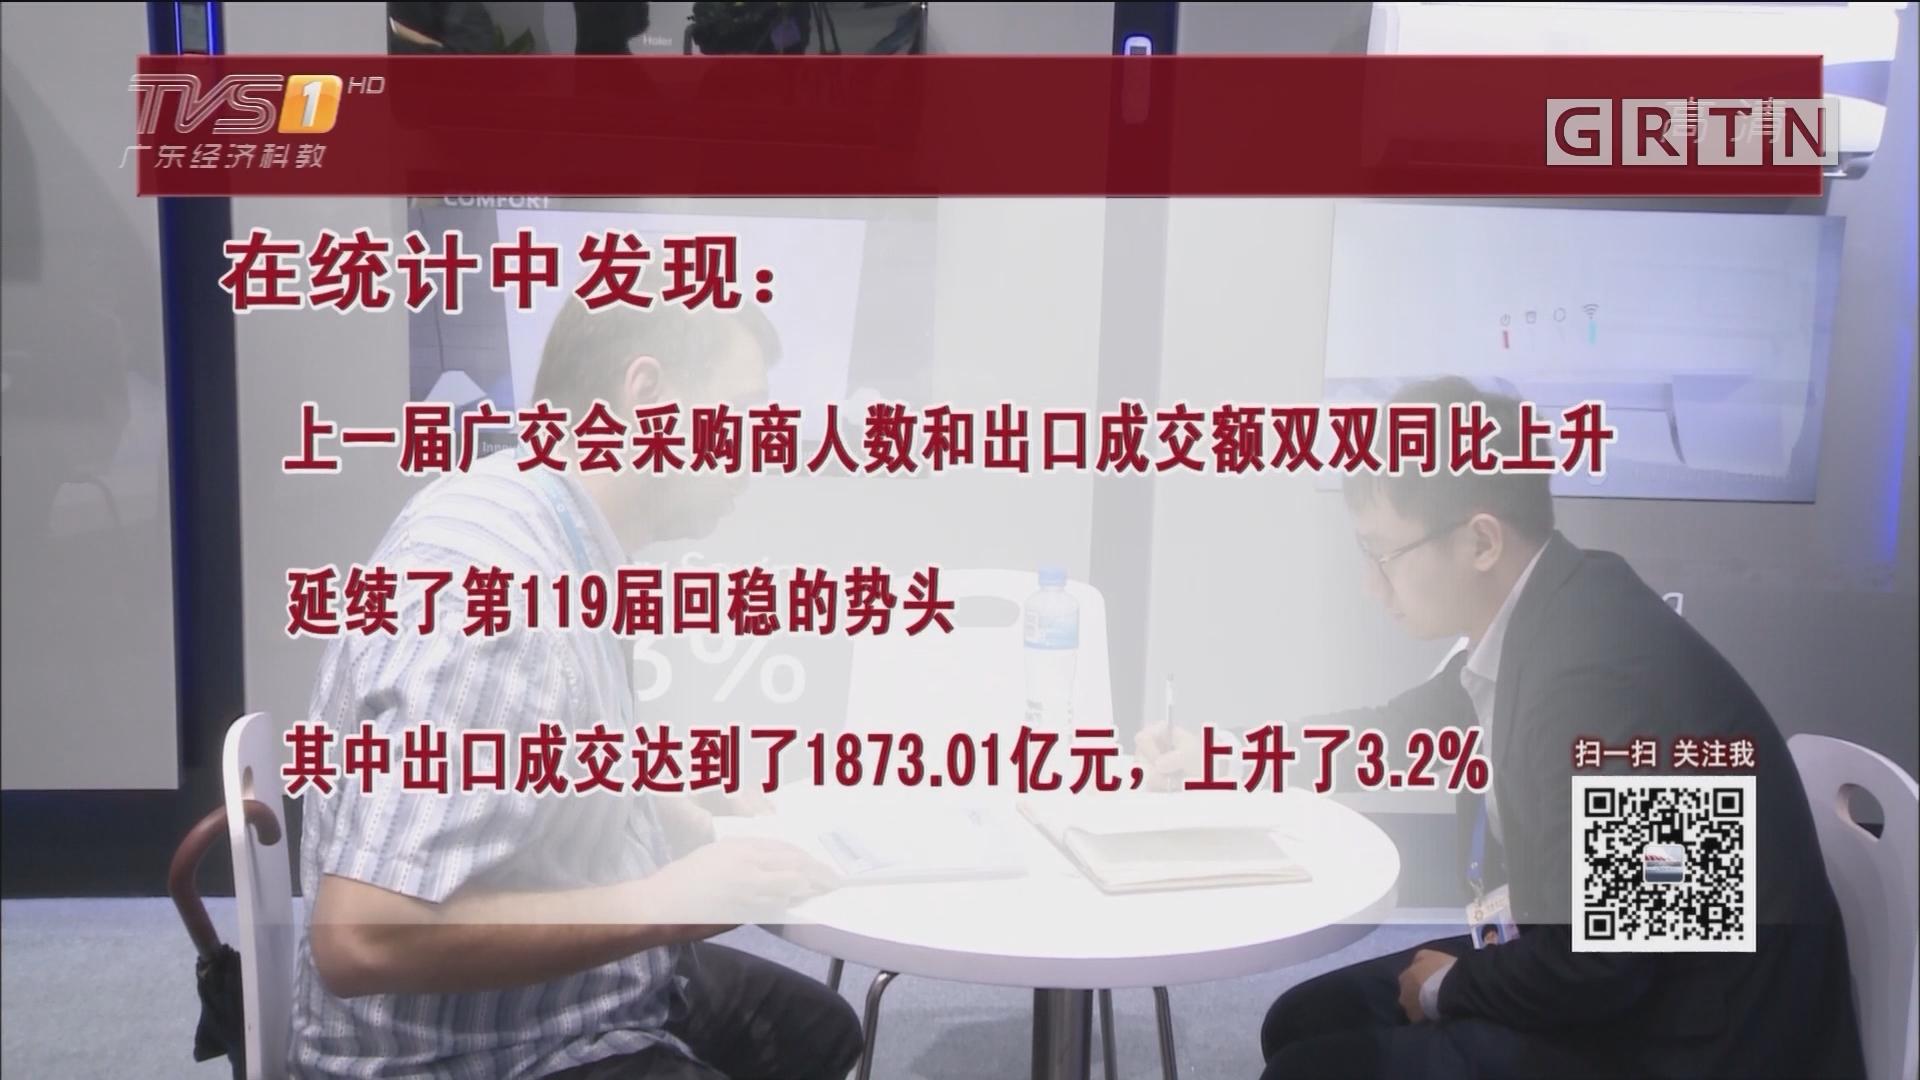 第123届广交会今日开幕 国际贸易向好发展